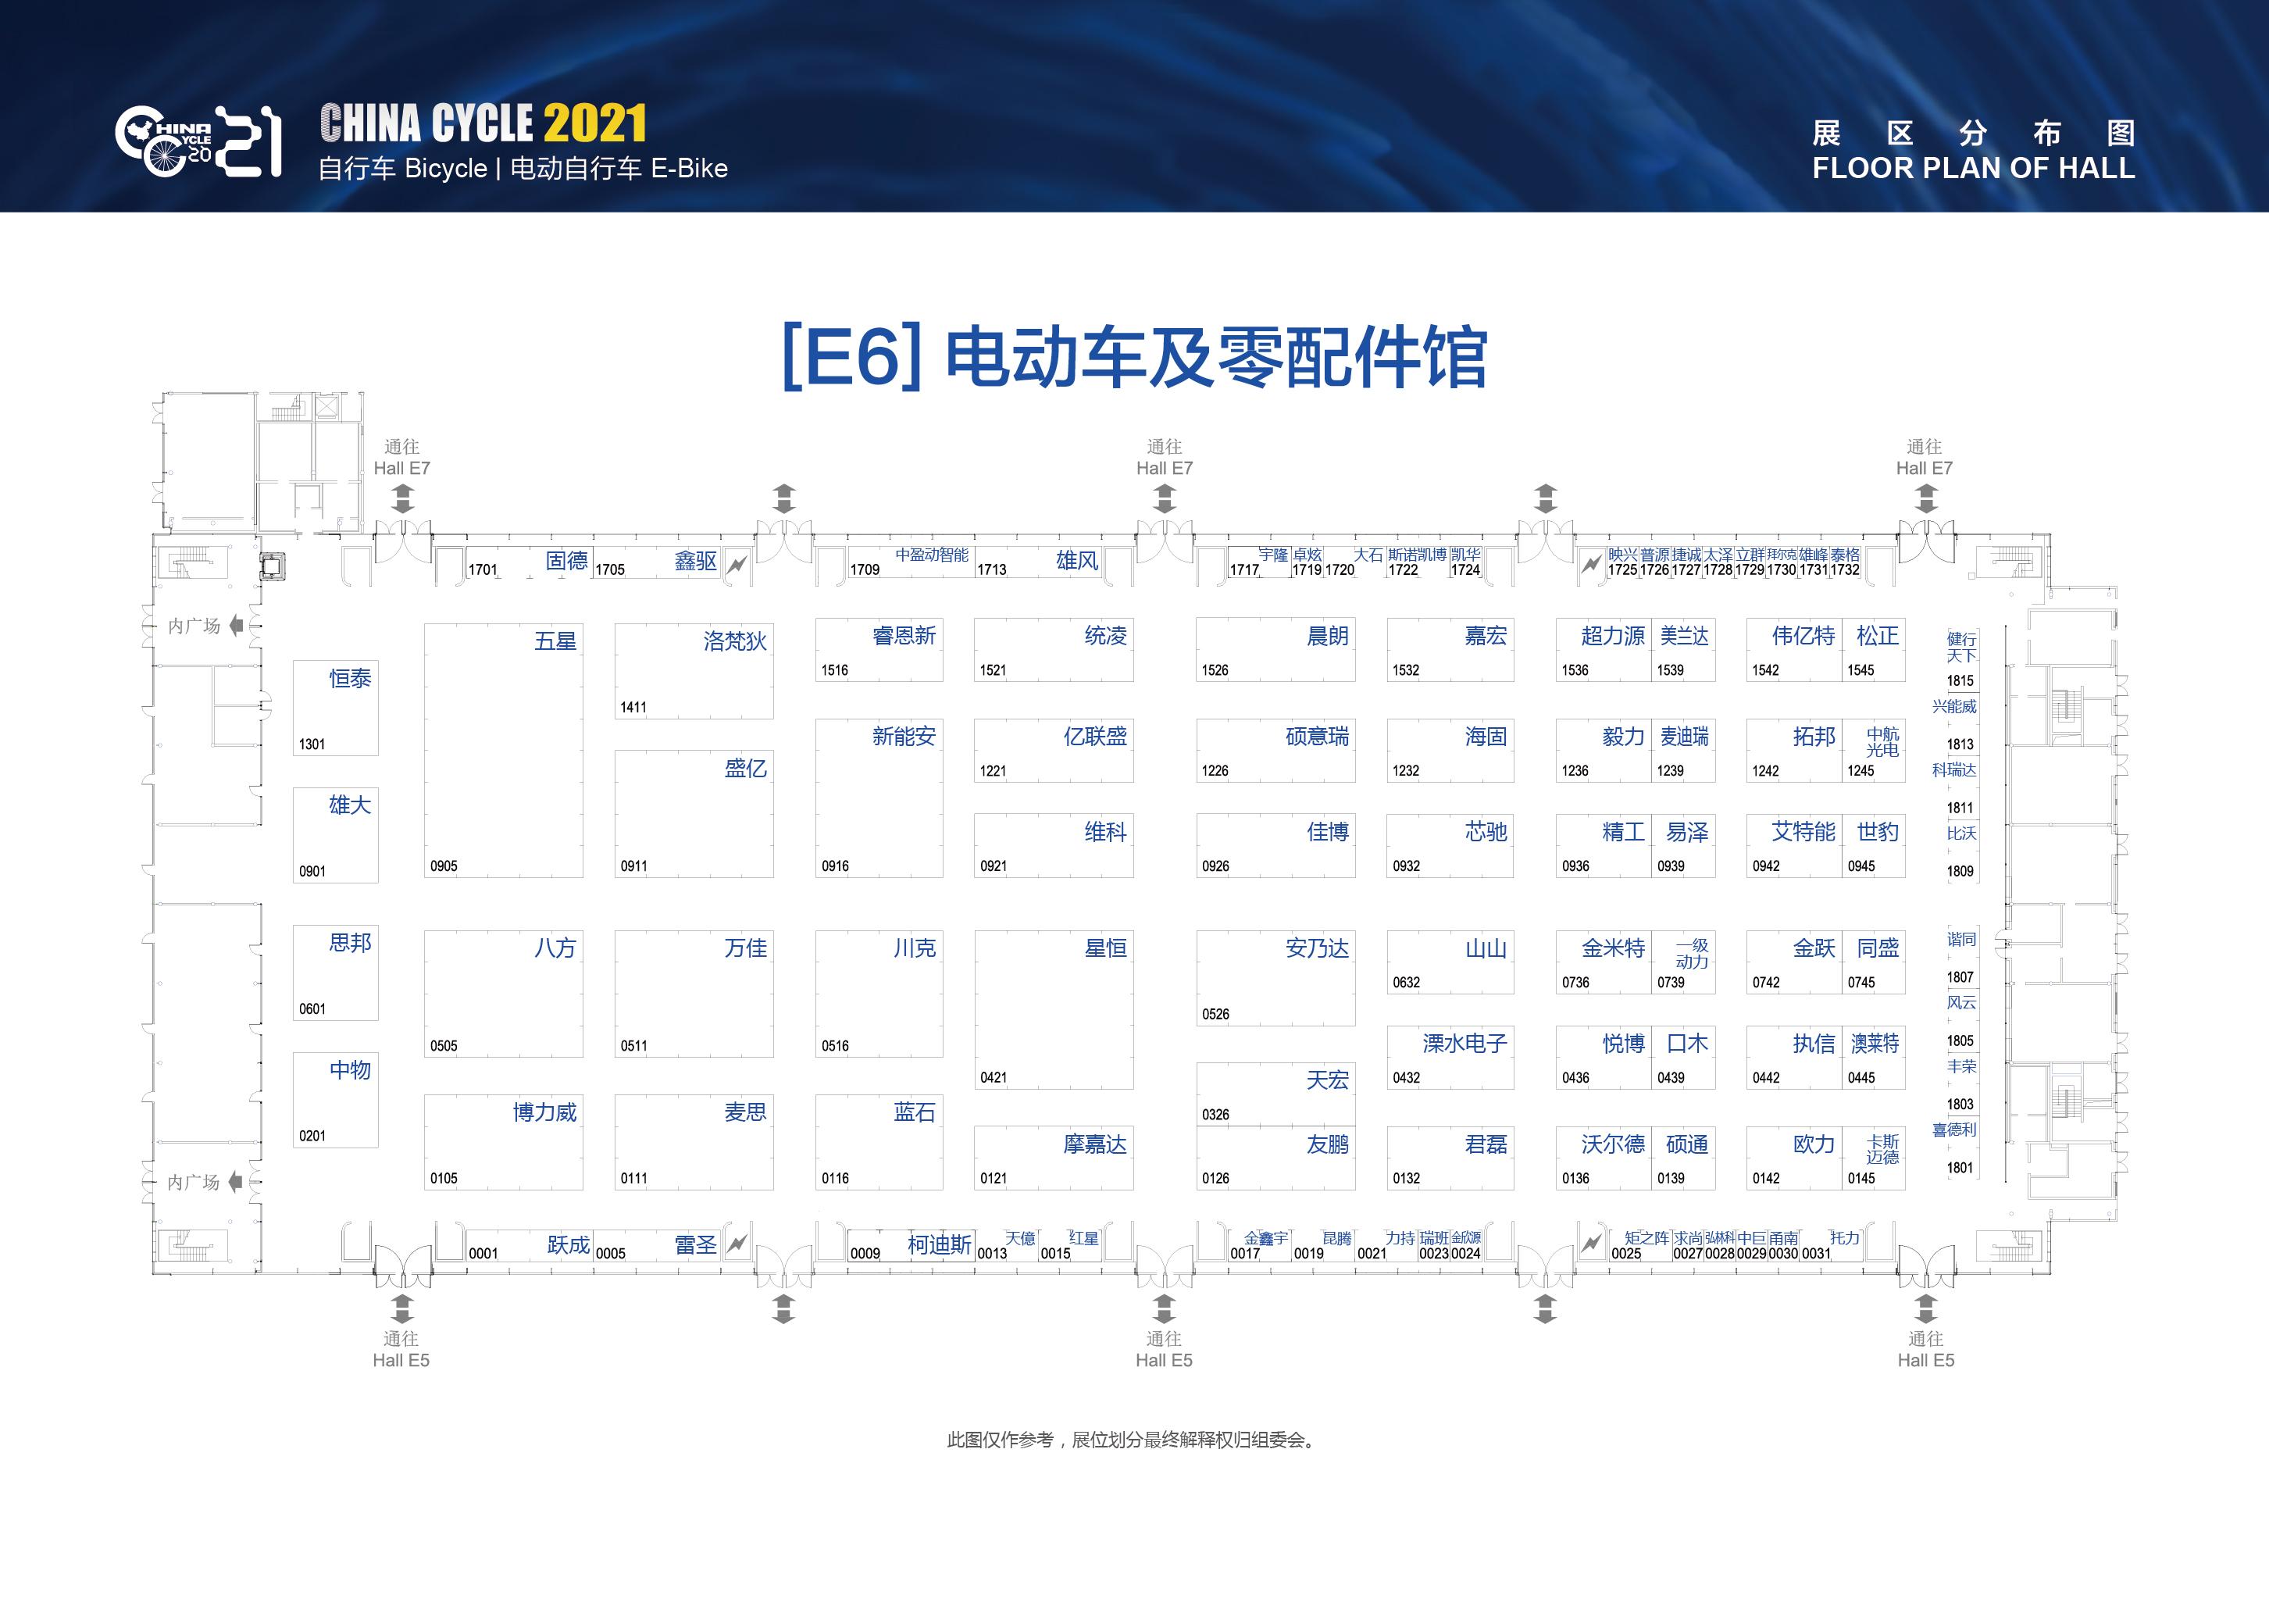 c53c15e1-e164-4c58-bf9b-6ad915280fbd.jpg